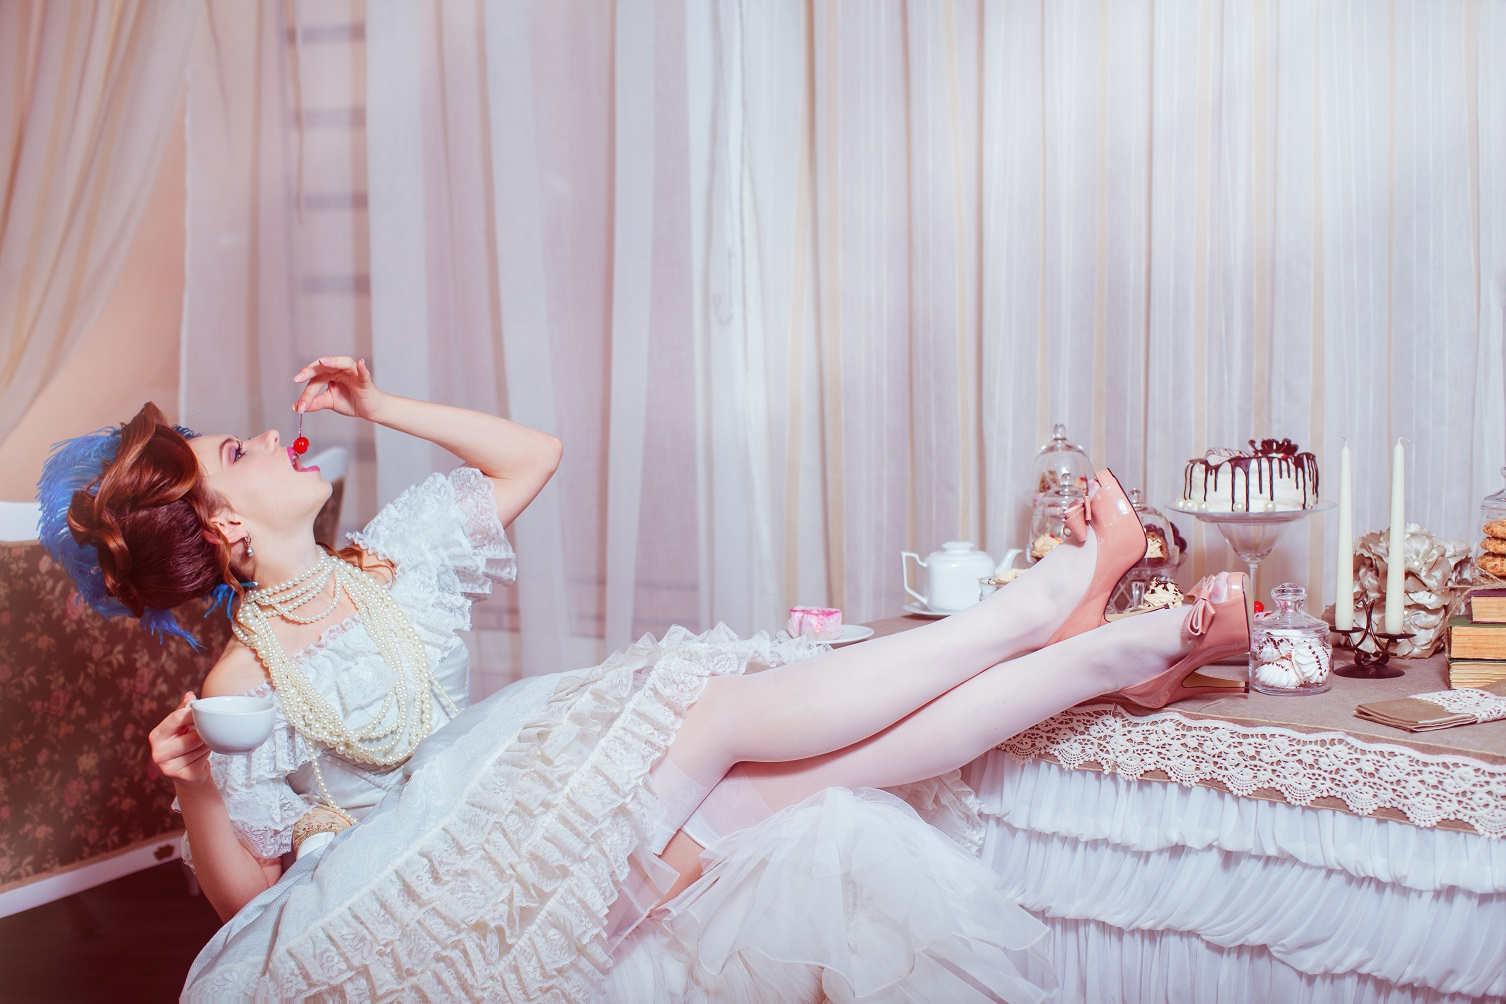 Marie Antoinette Picnic